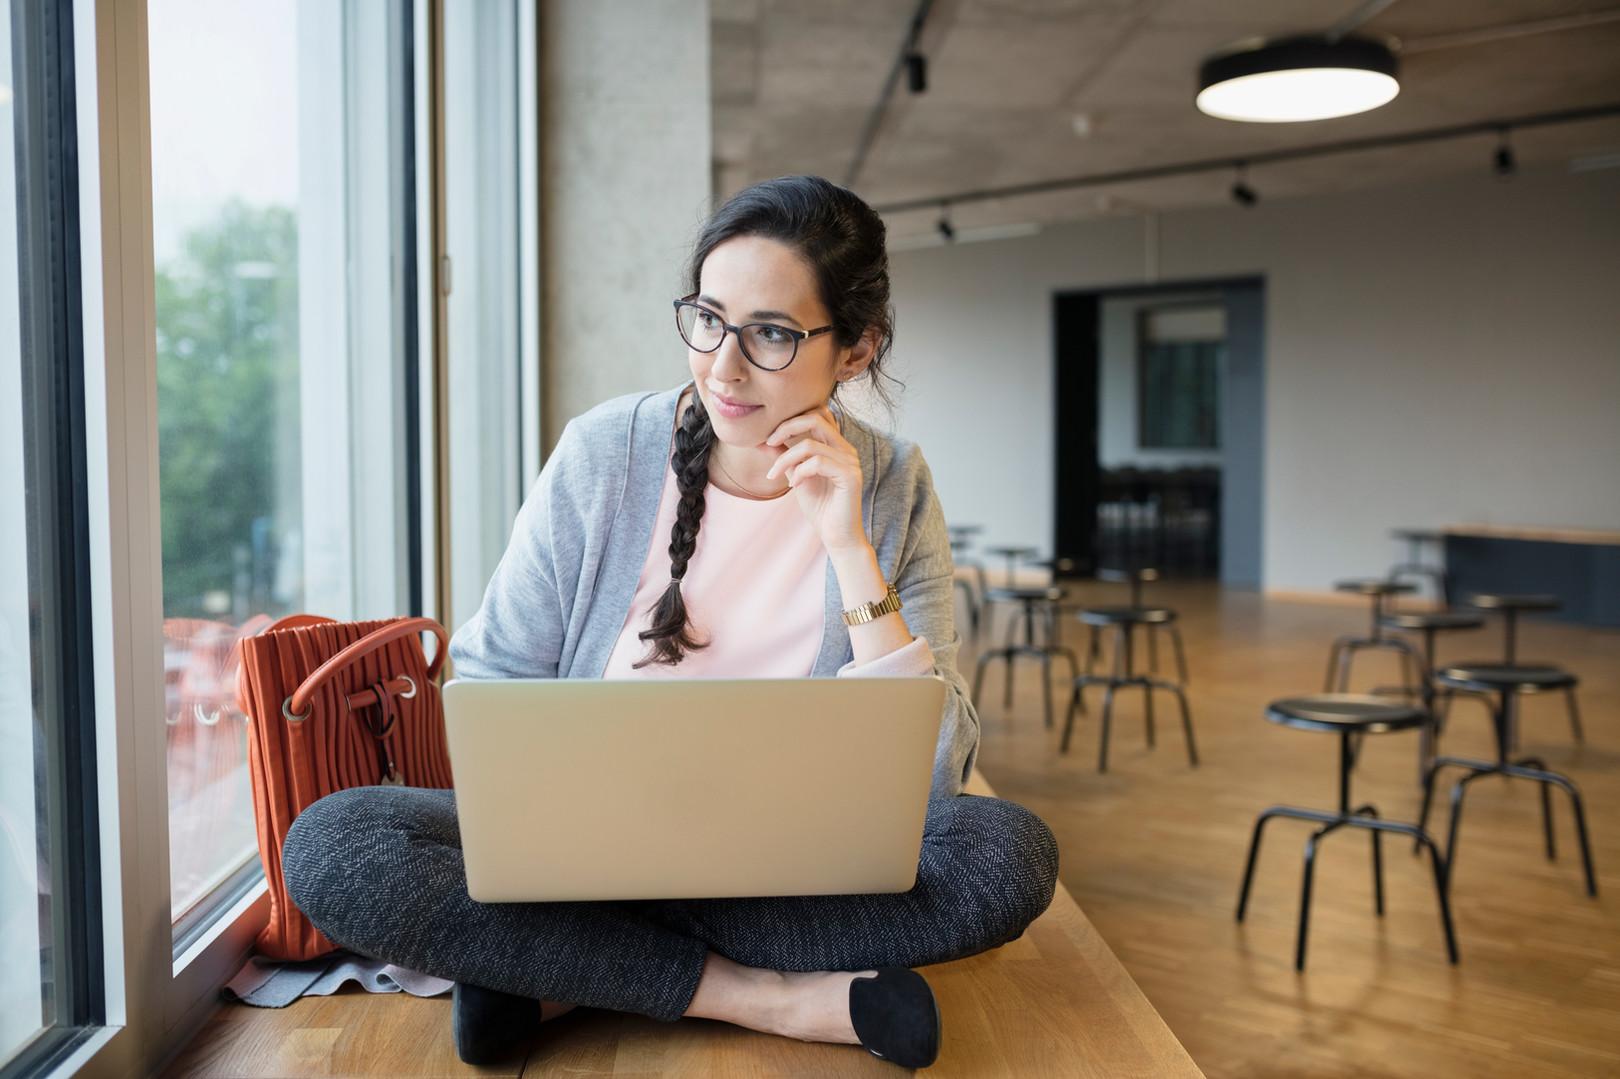 Dizüstü bilgisayar ile kız öğrenci